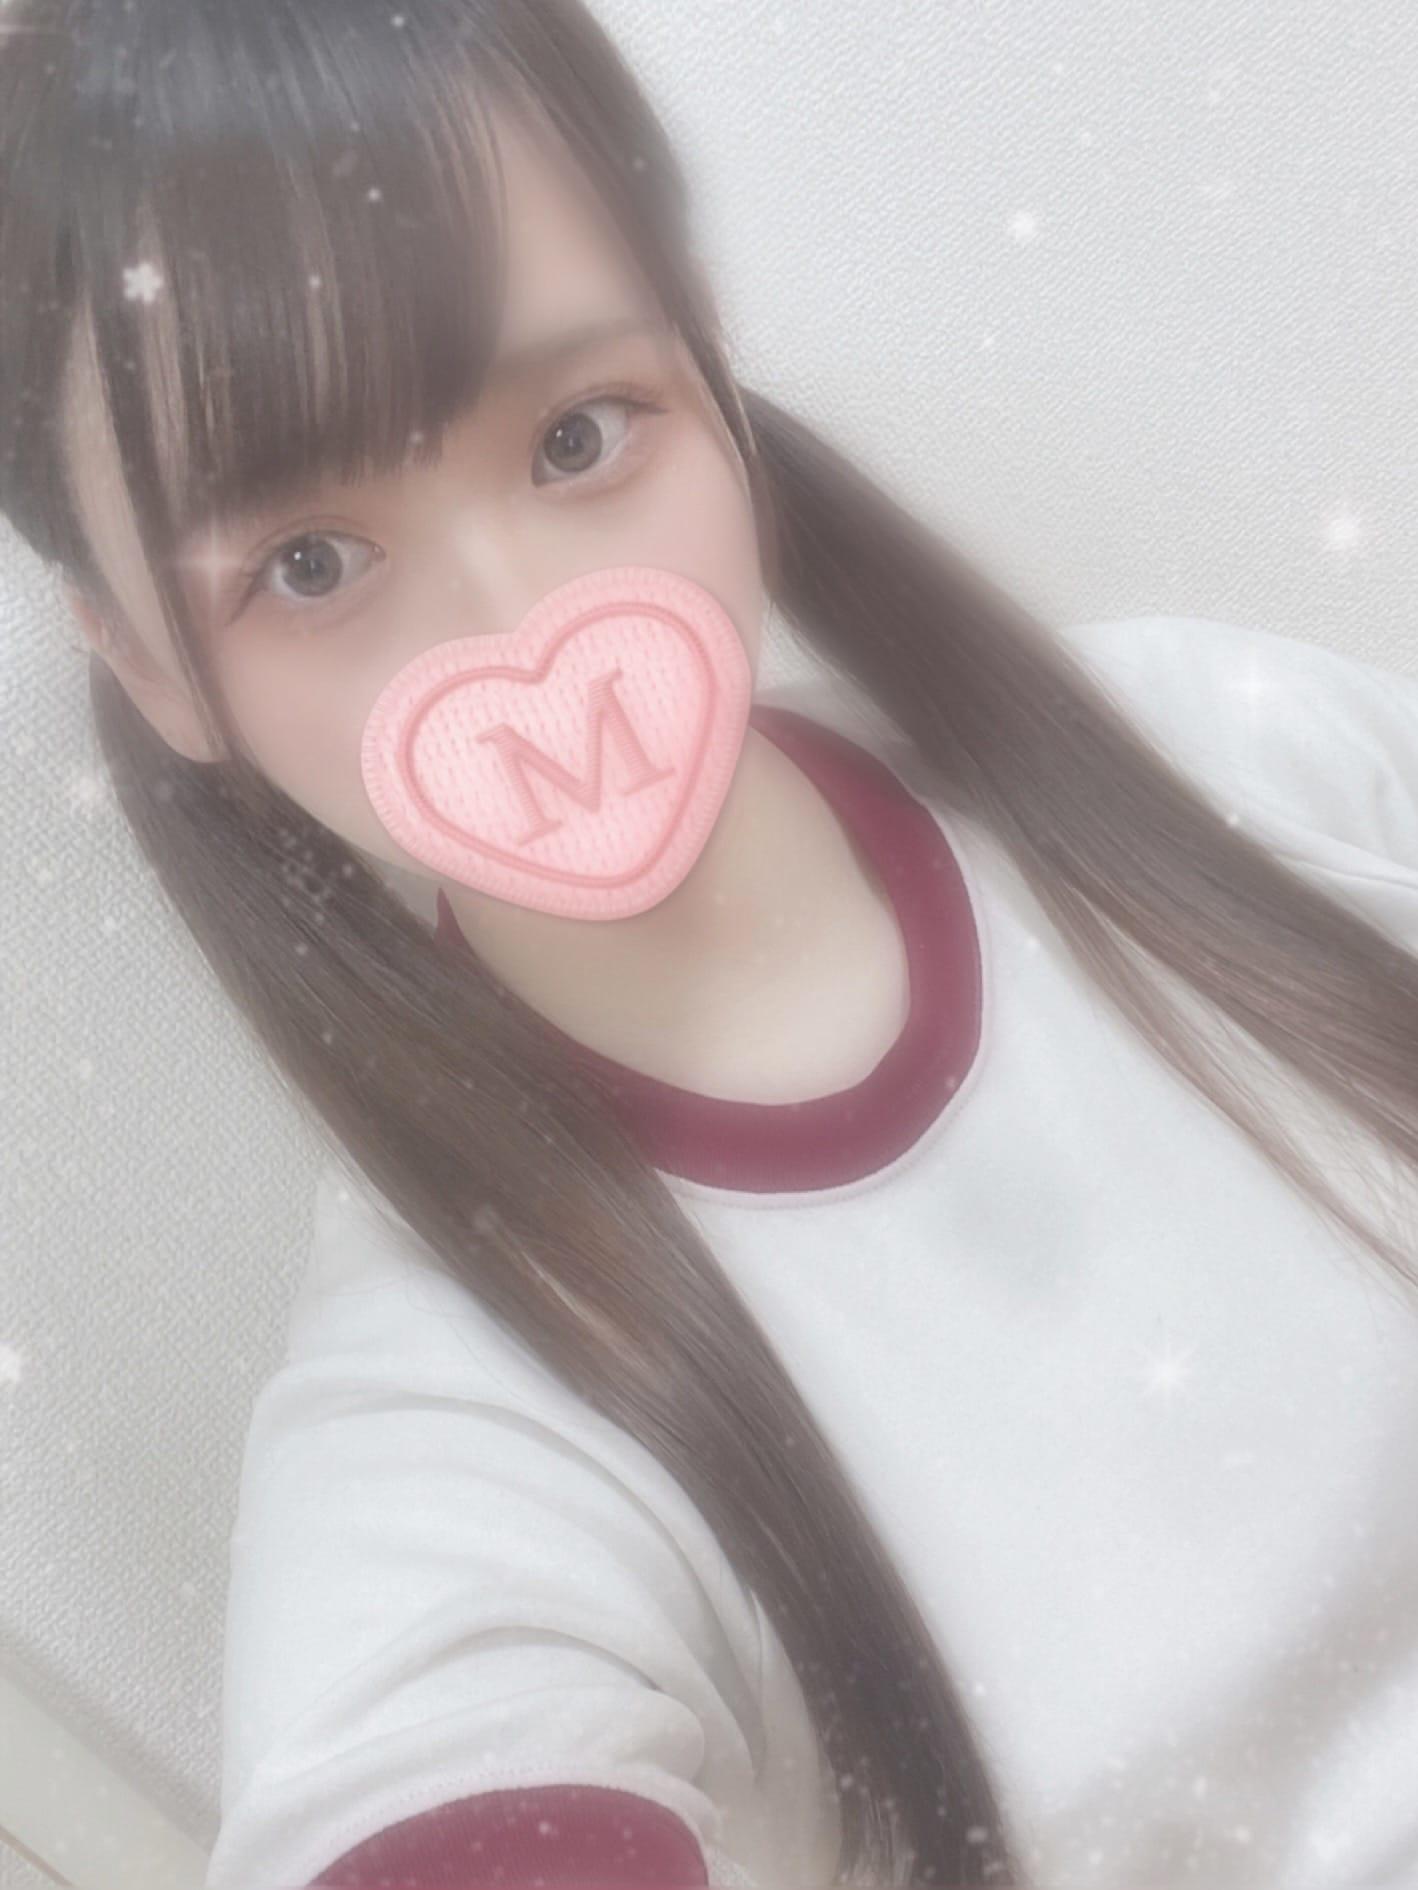 「こんばんは」09/13(月) 00:06   もかちゃんの写メ日記